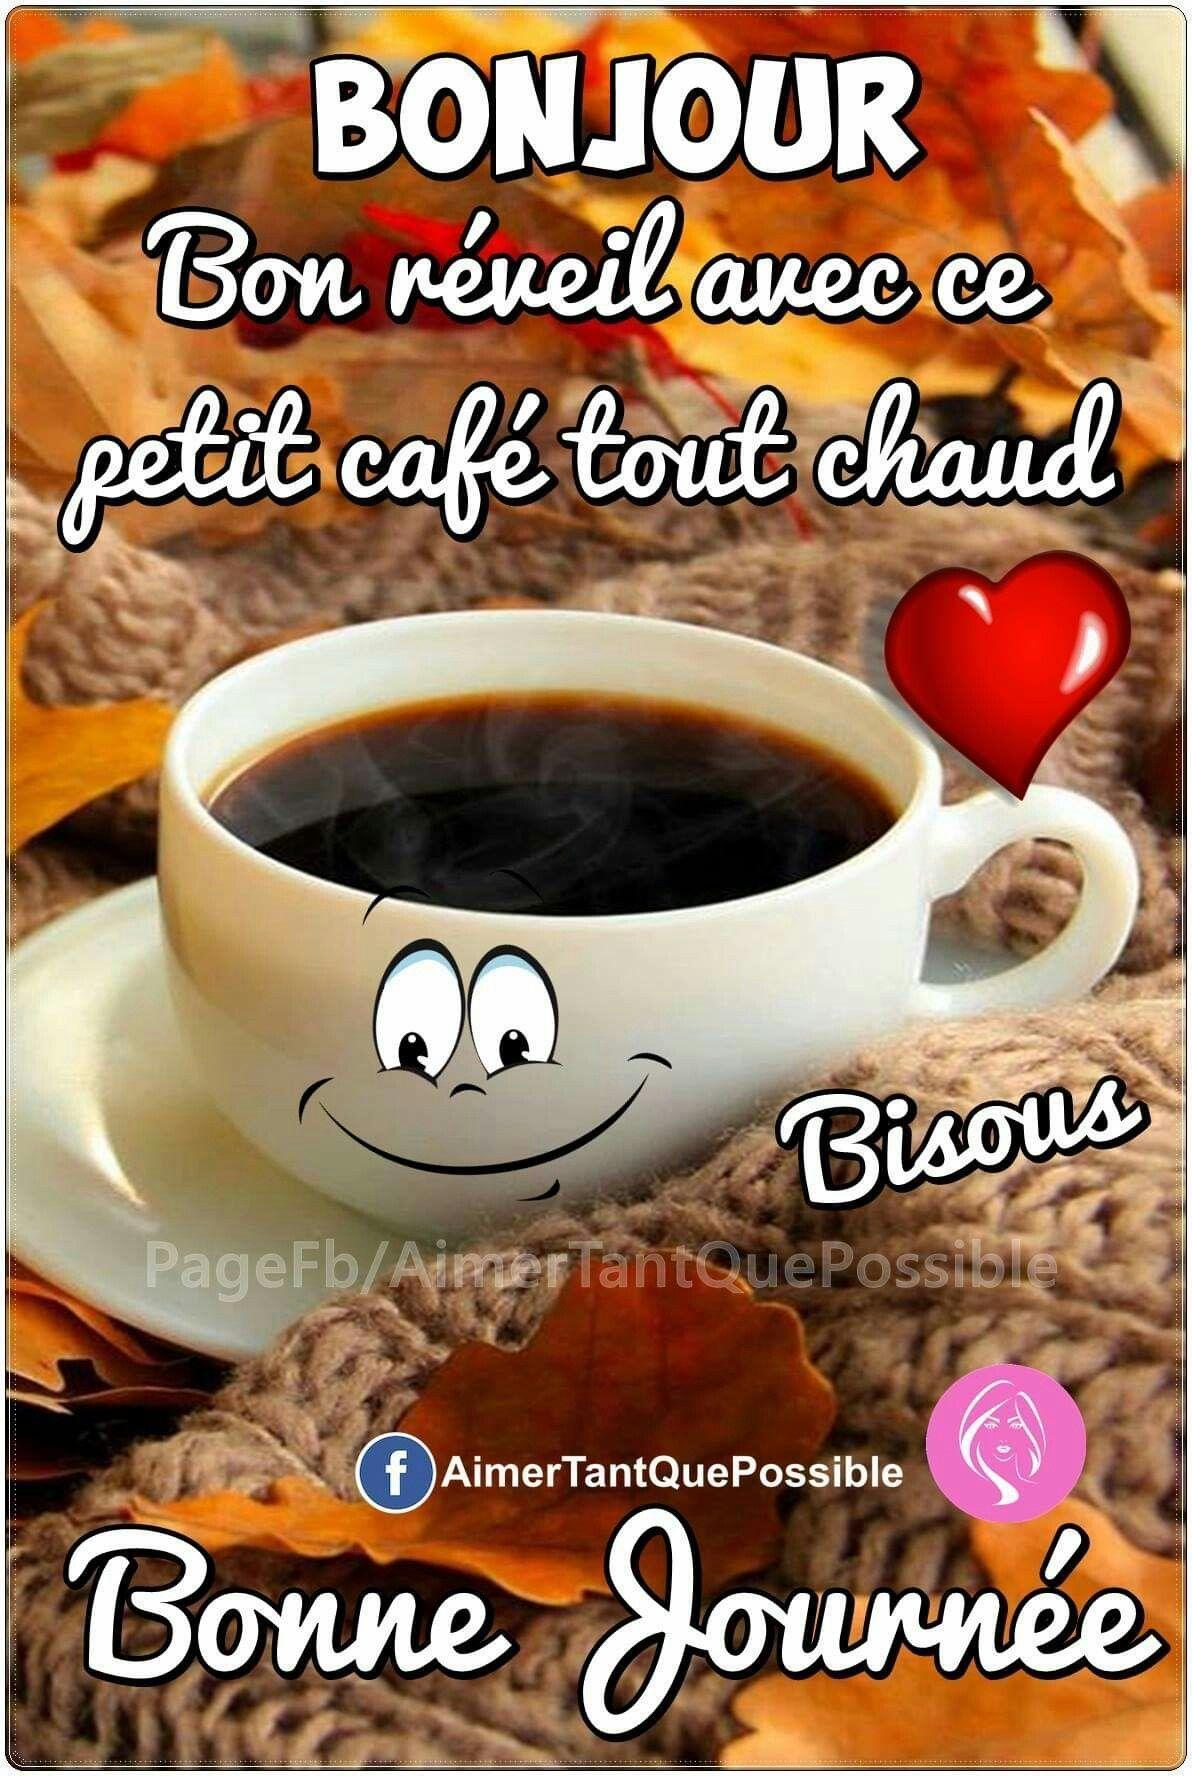 Good Morning Thursday Blessings Friends & Good Morning Thursday Blessings